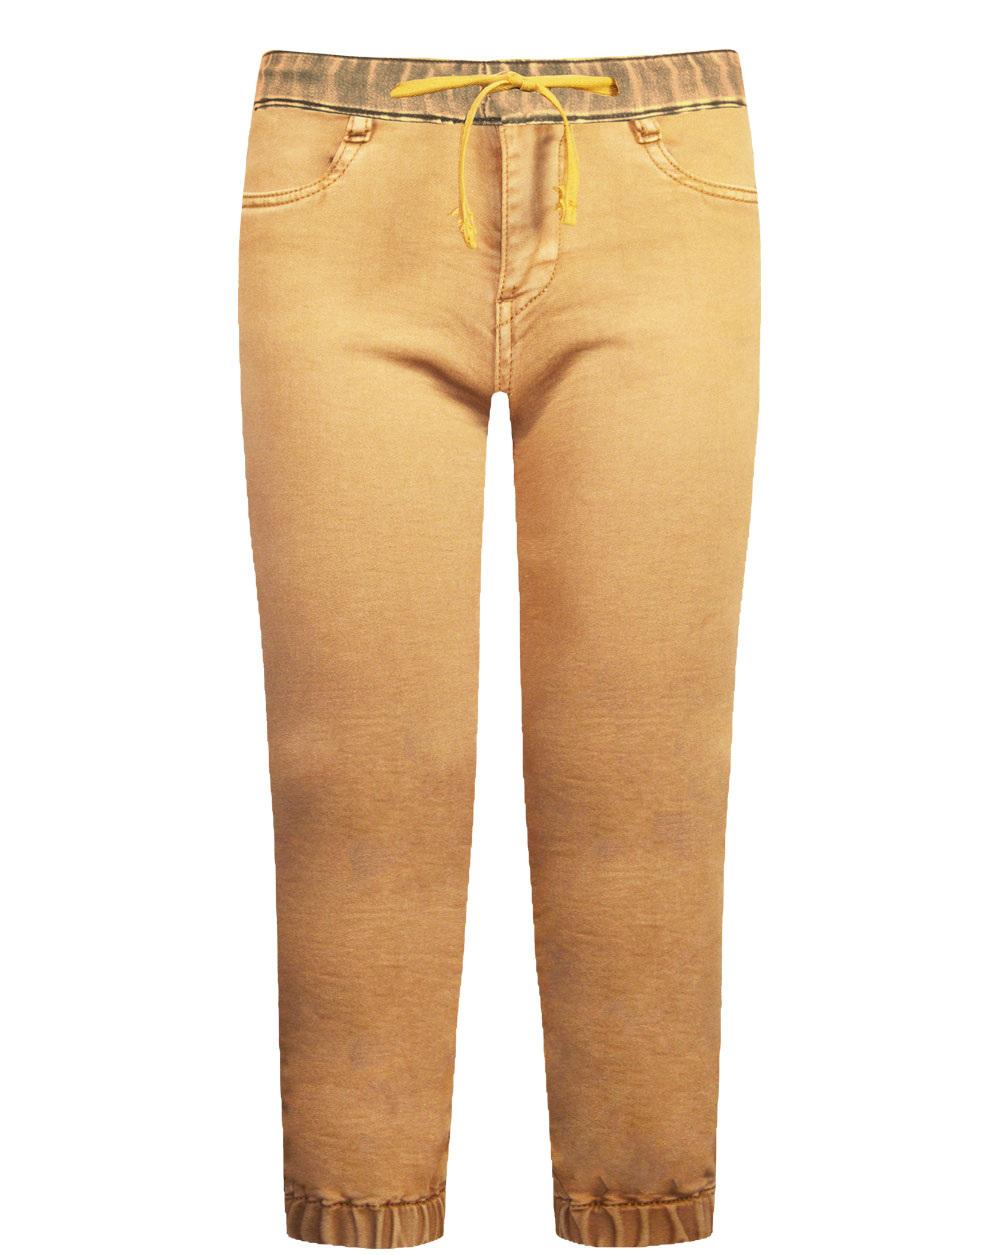 Παντελόνι με λάστιχο στη μέση και στα μπατζάκια σταθερό ύφασμα 12-120104-2 - ΤΑΜΠΑ - 18133-37/12/327/102